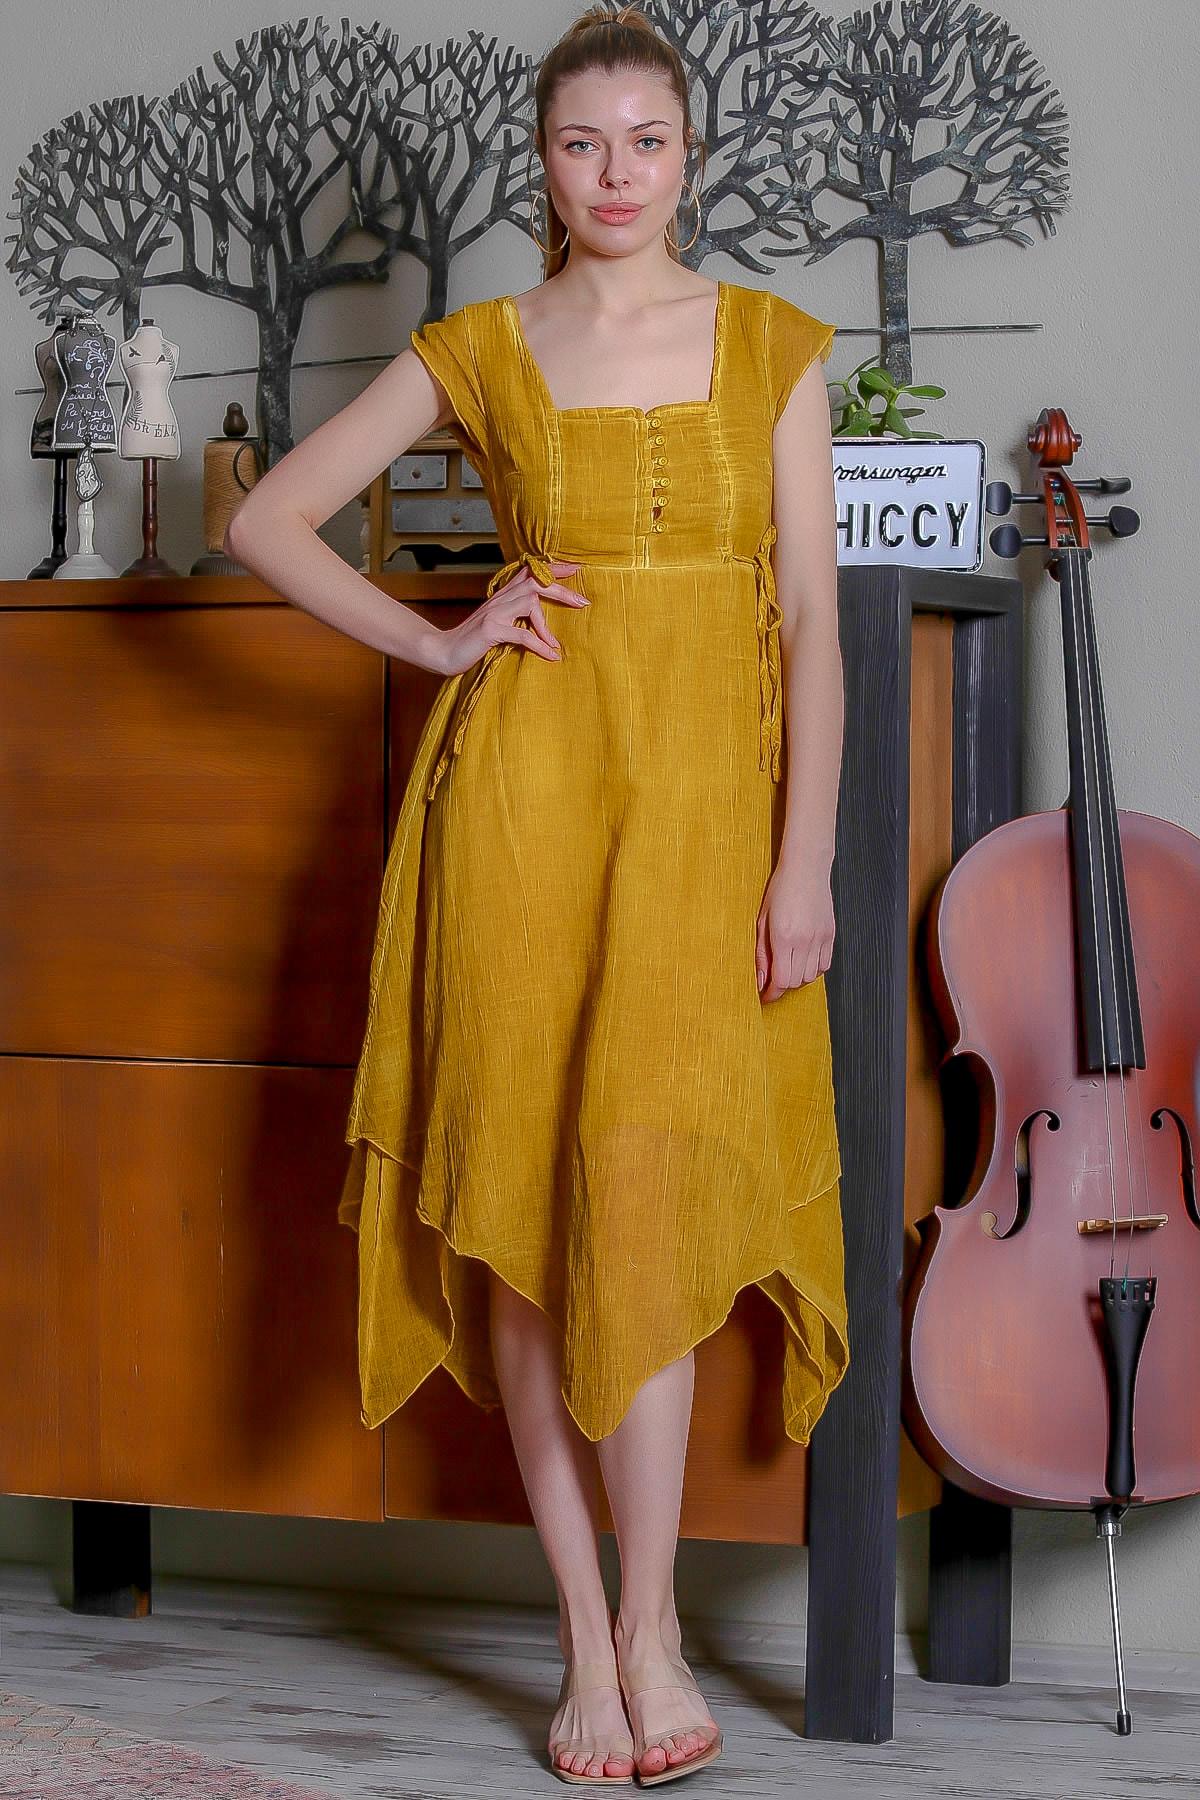 Chiccy Kadın Hardal Kare Yaka Düğme Detaylı Yanı Bağlamalı Asimetrik Yıkamalı Elbise M10160000EL95344 2